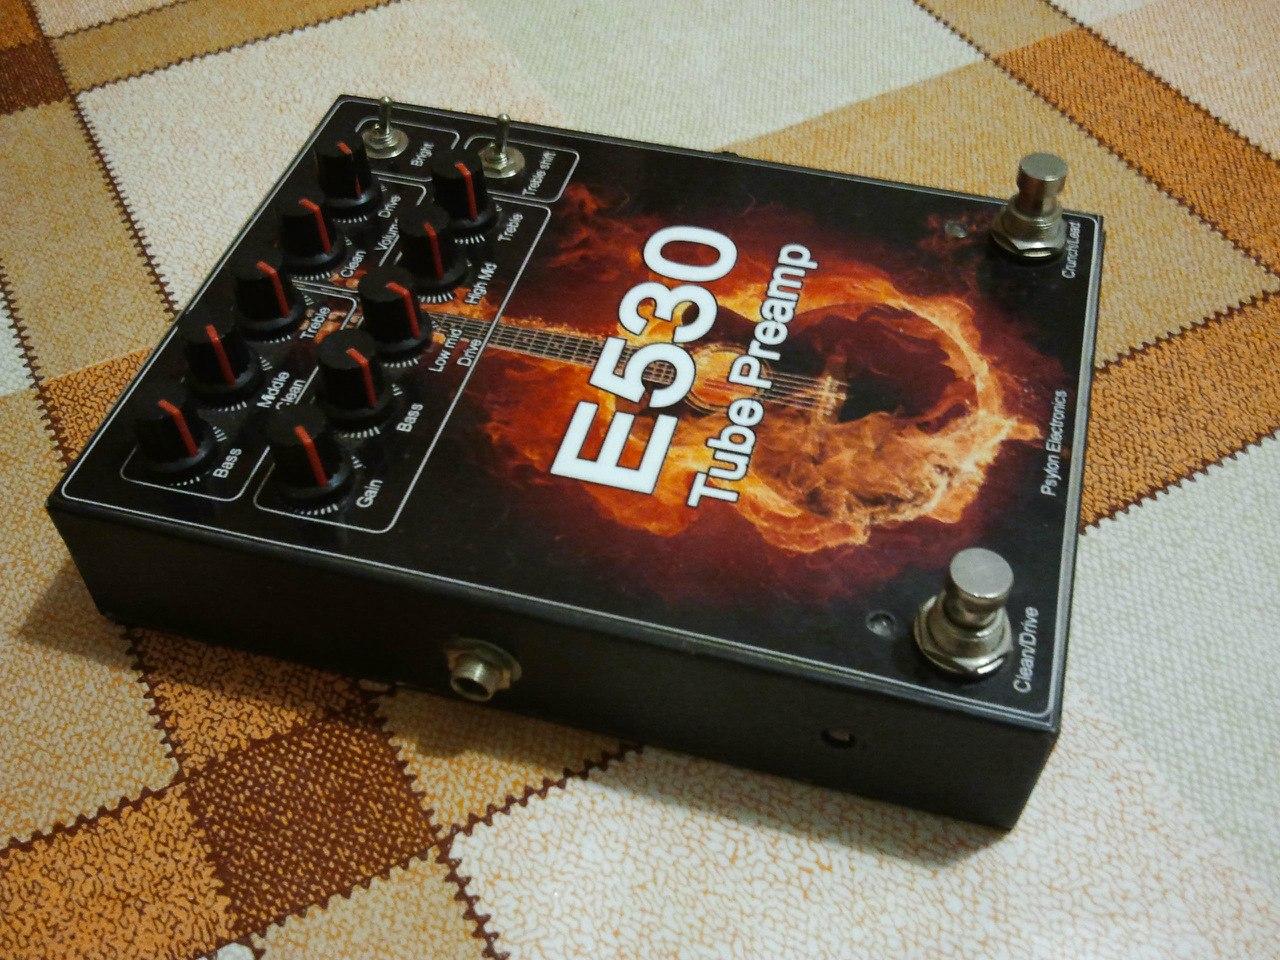 Engl e530 схема.